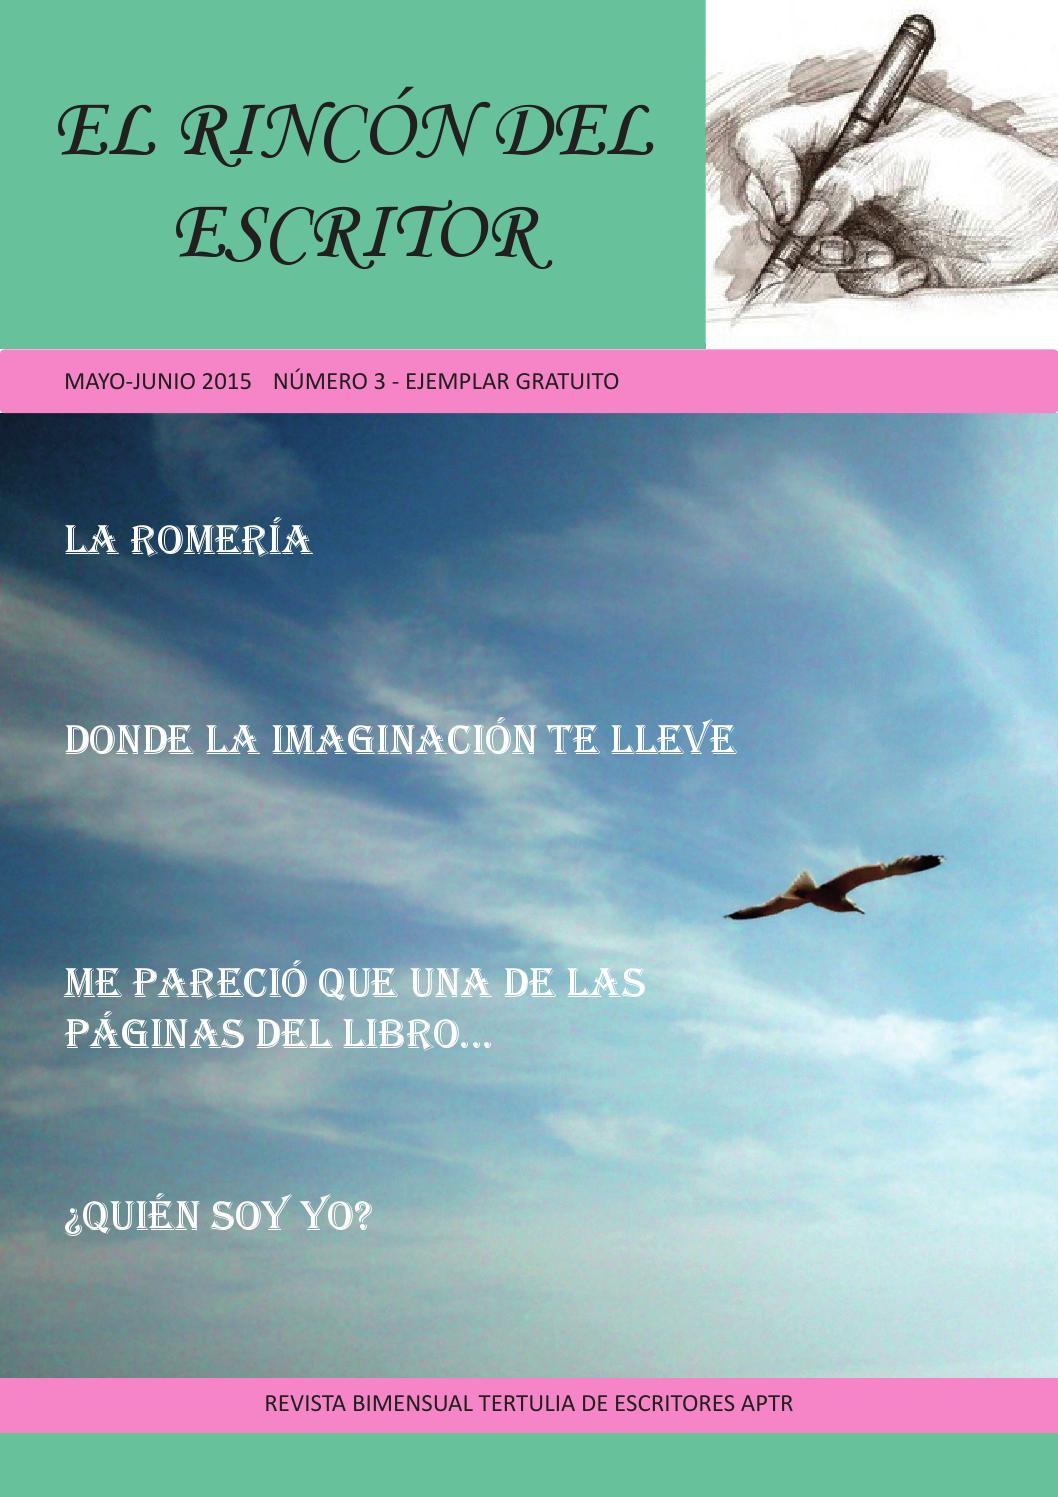 El Rincón del Escritor 03 by EL RINCÓN DEL ESCRITOR - issuu